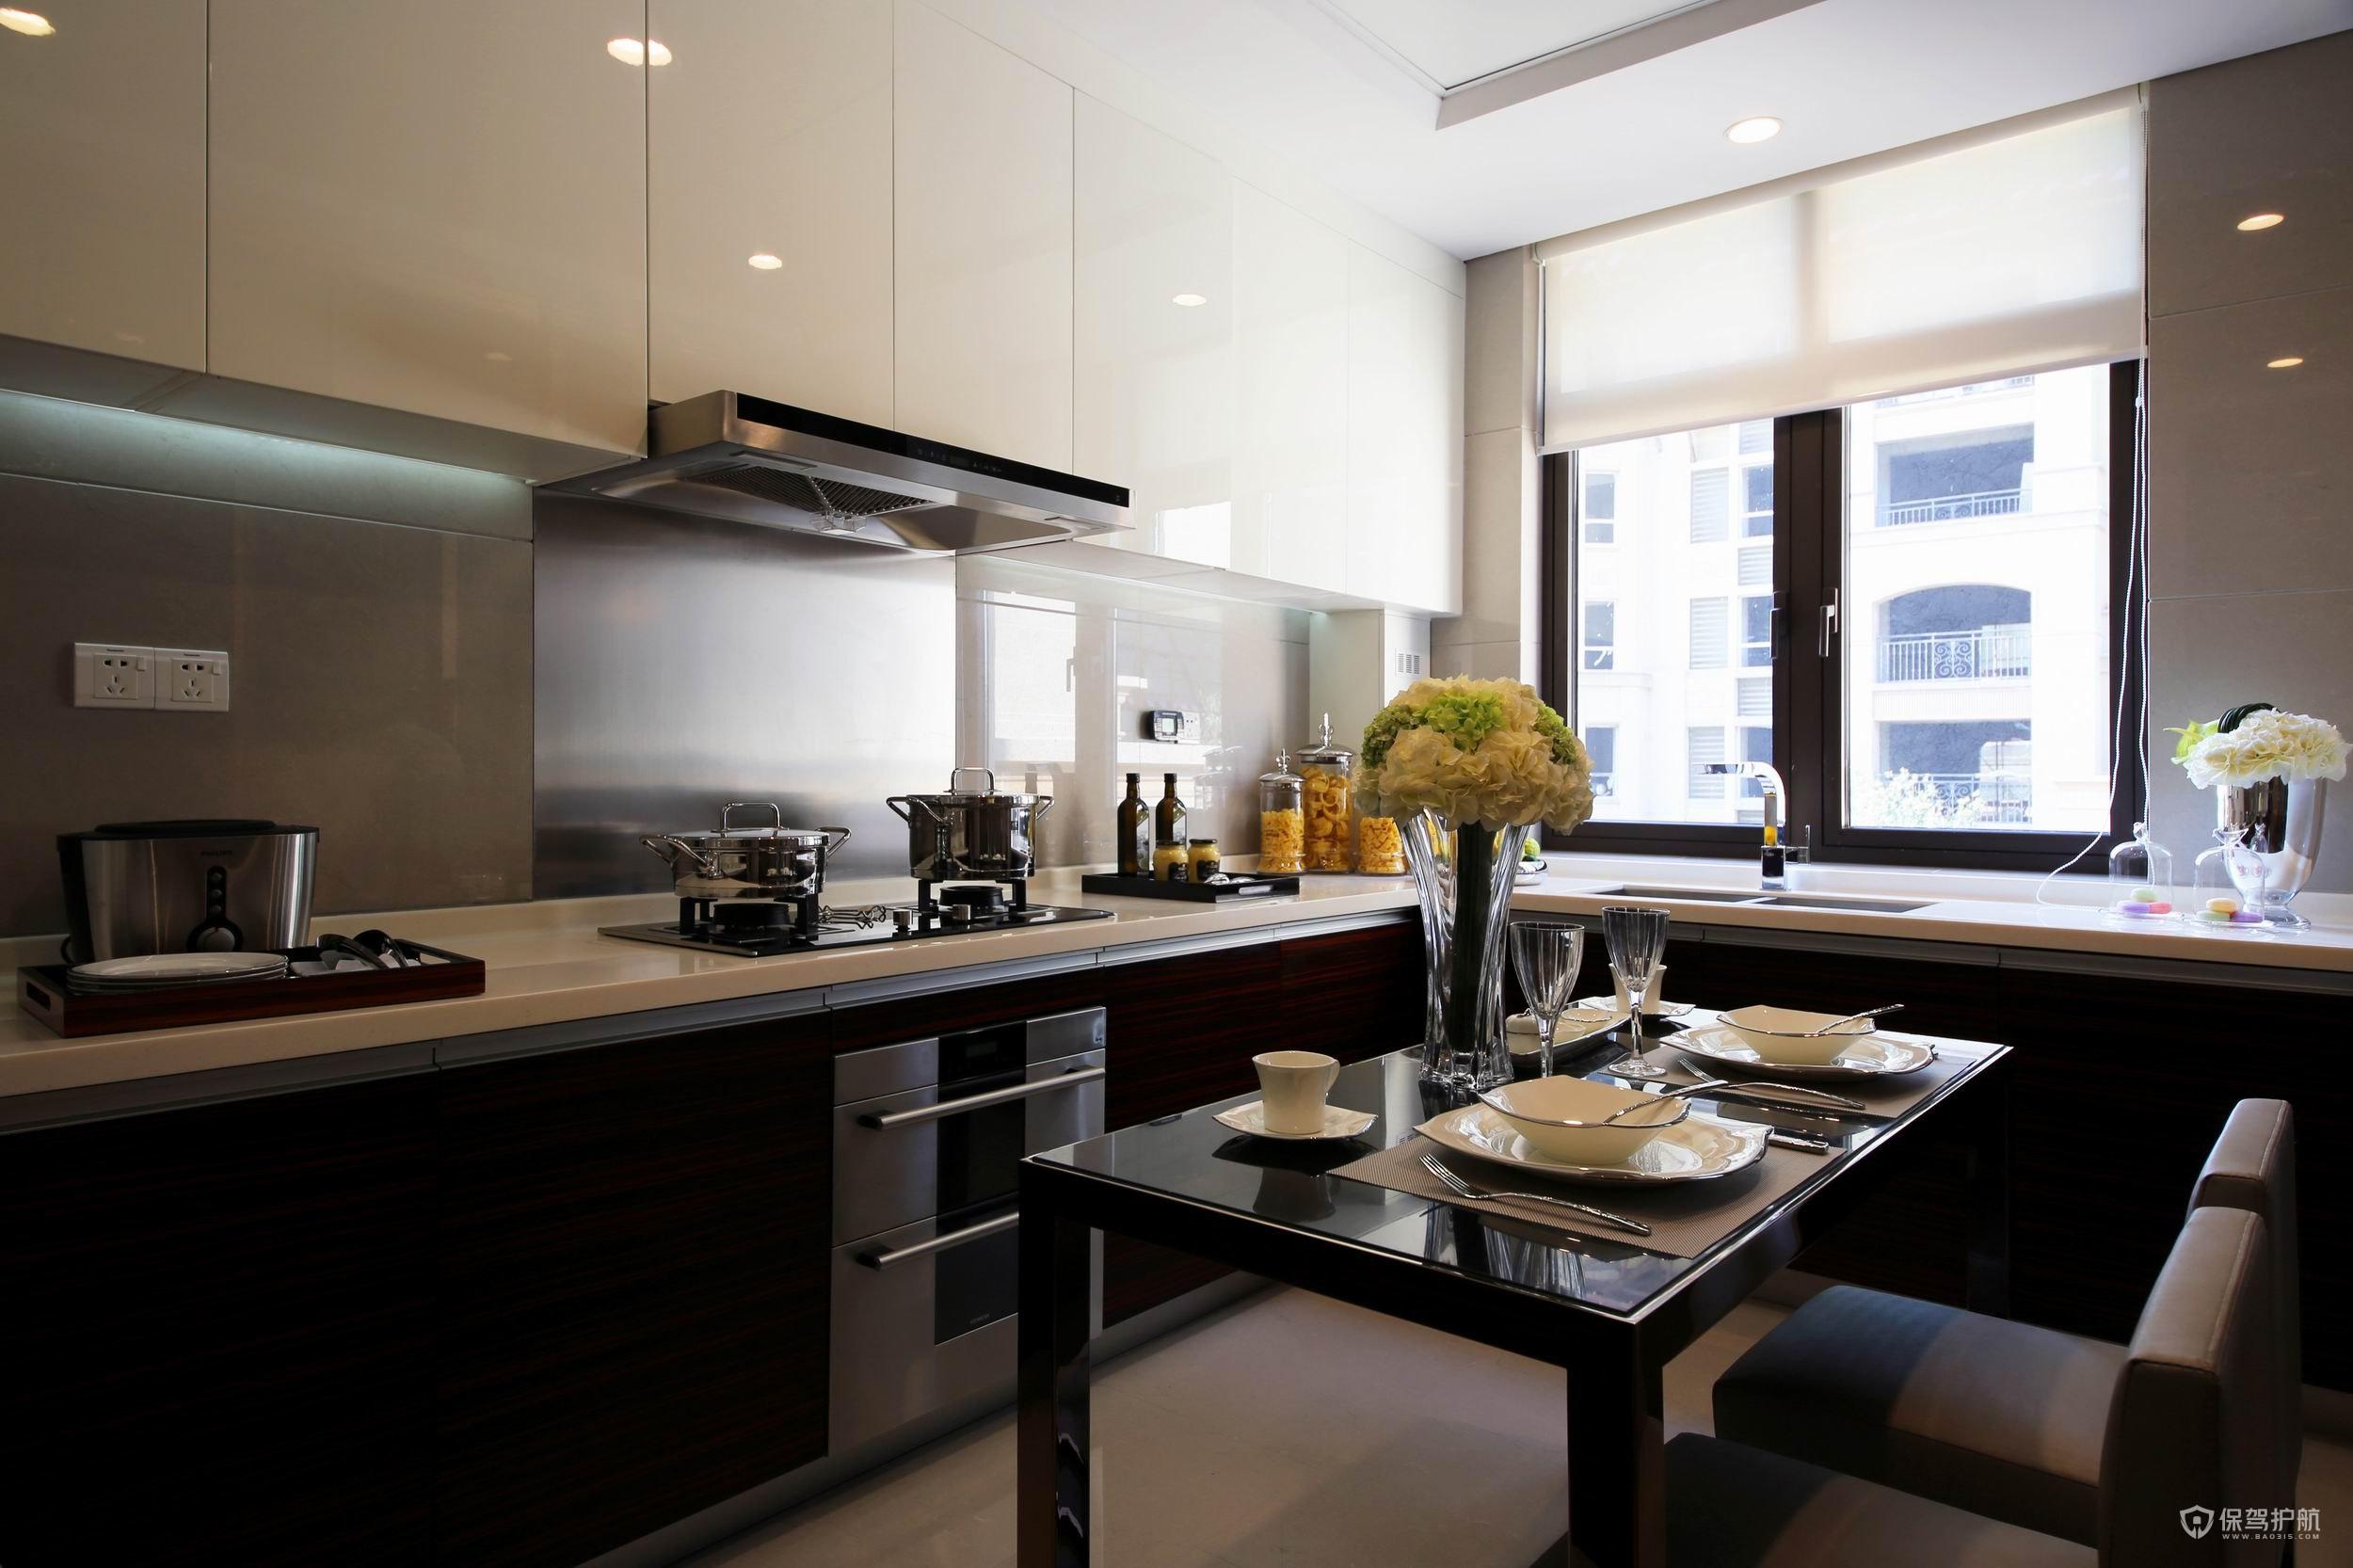 現代風格公寓廚房裝修效果圖